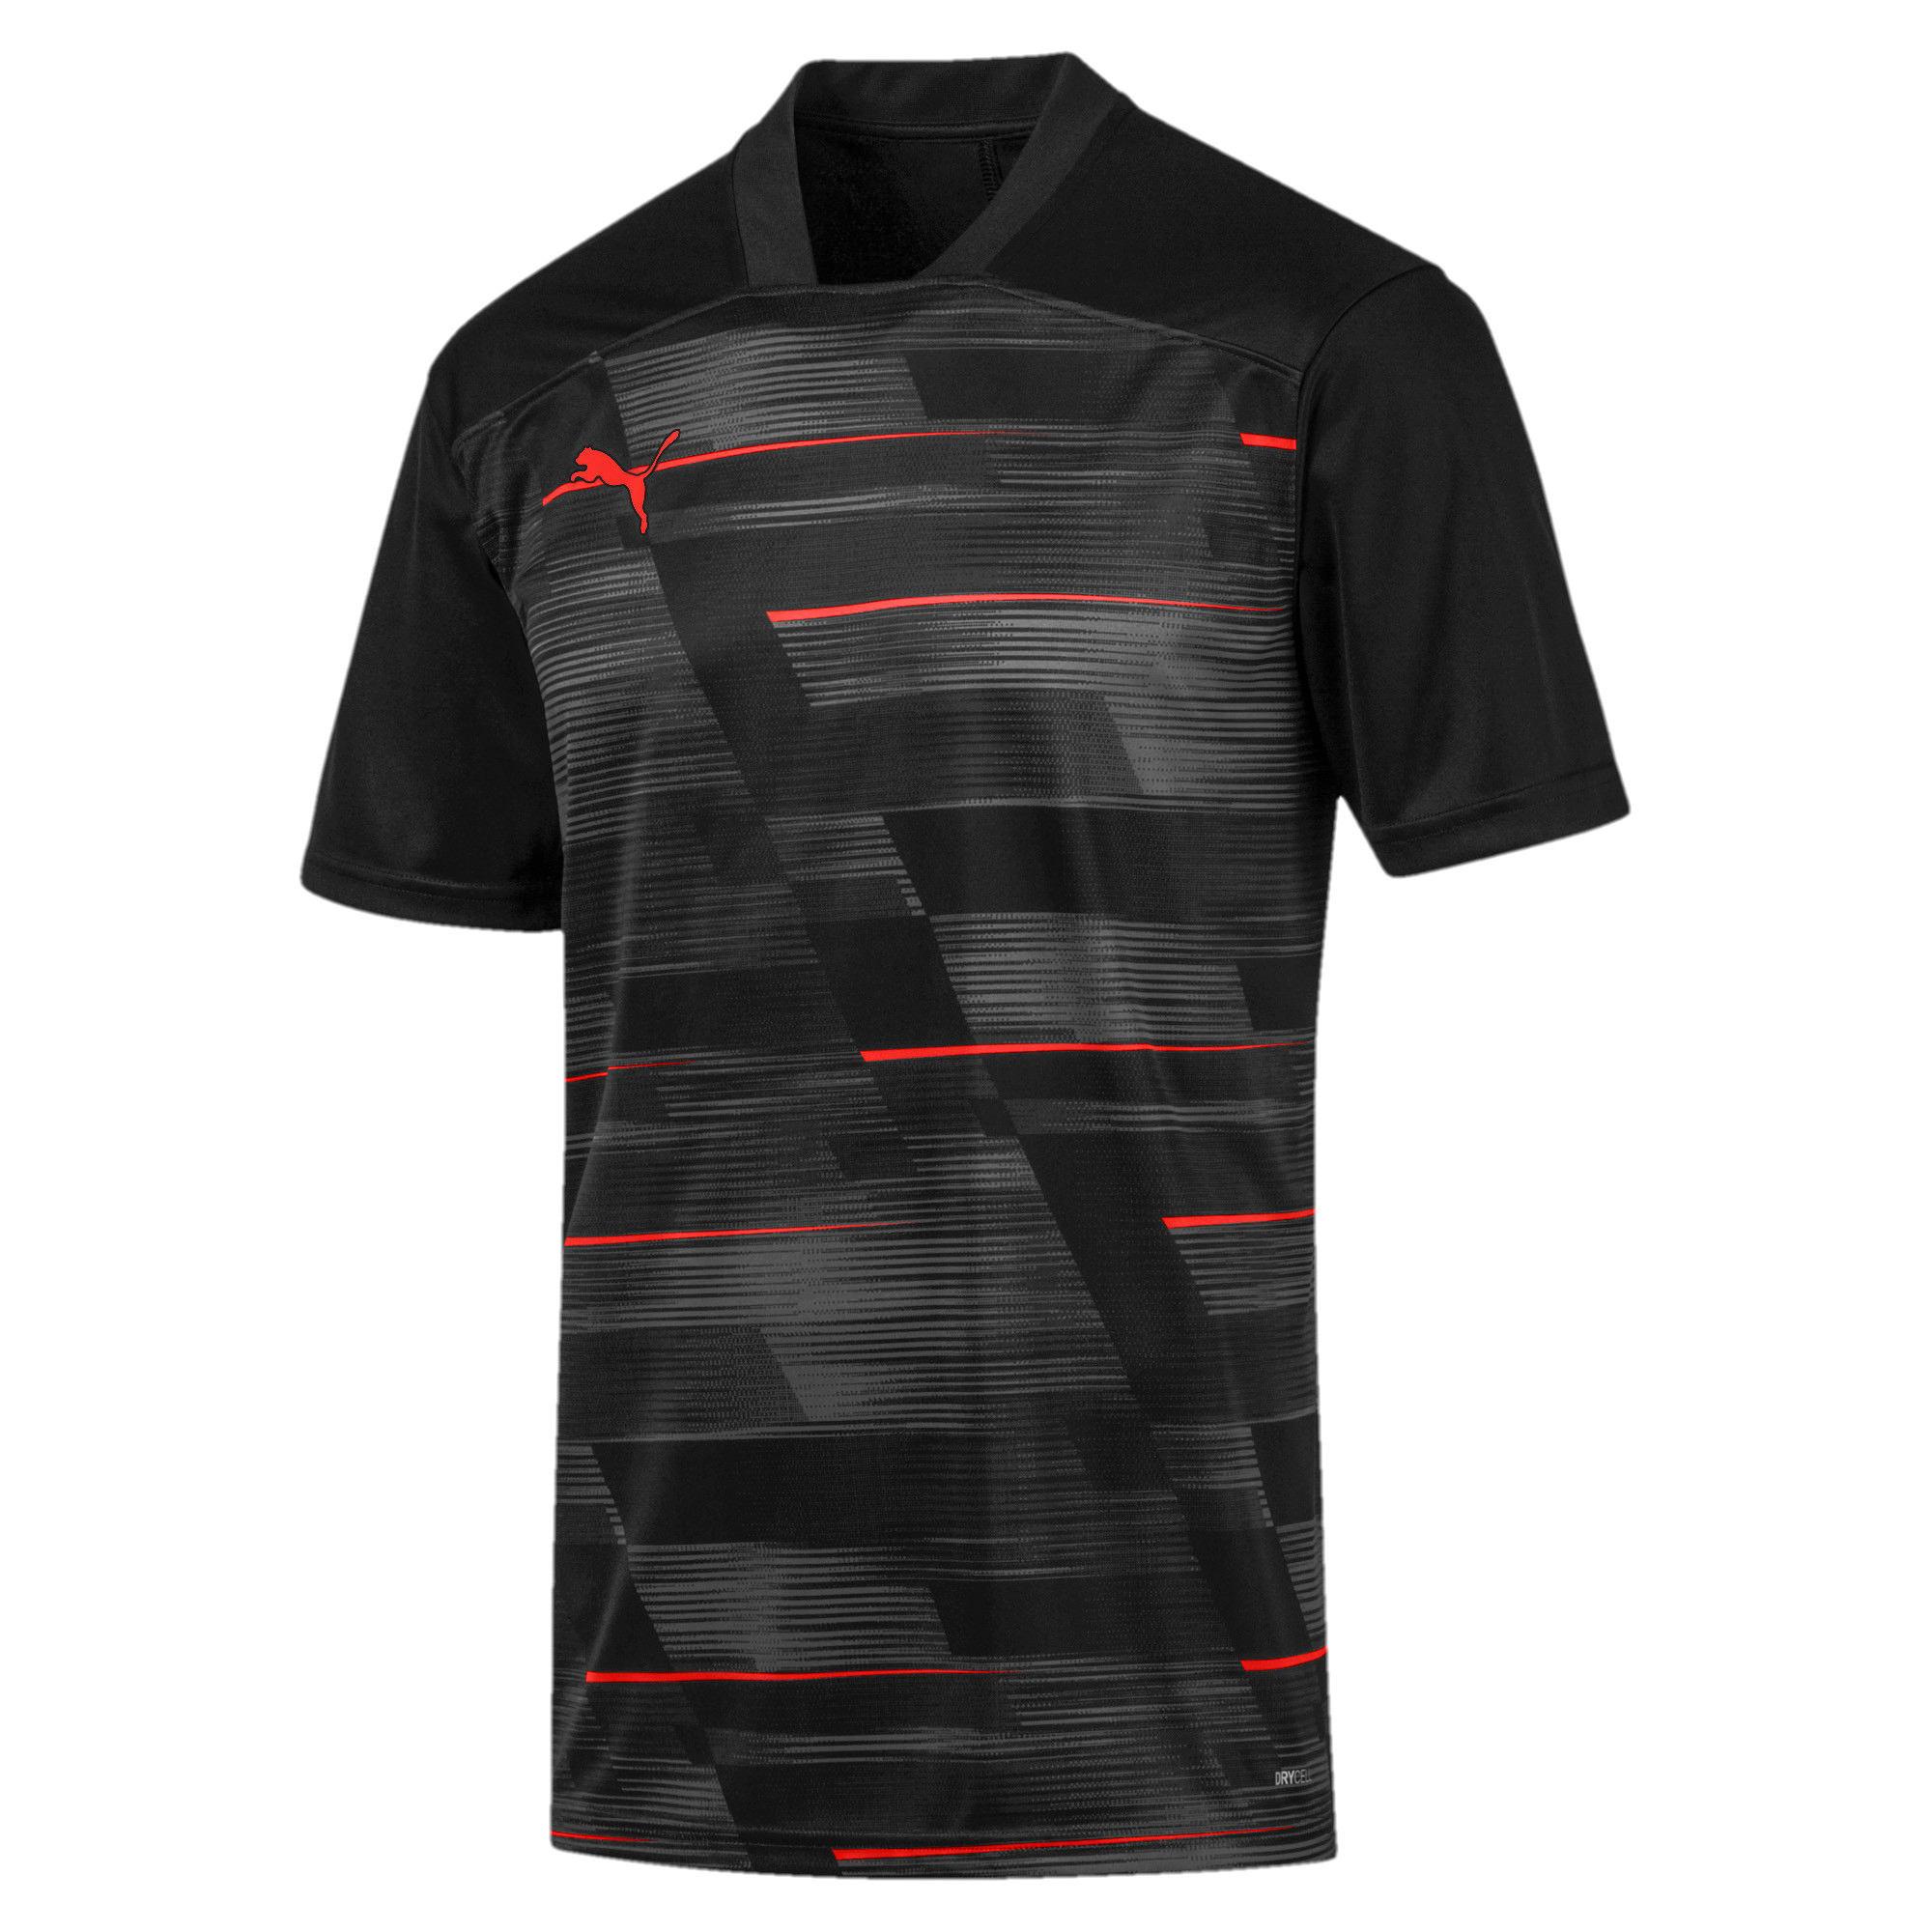 Miniatura 4 de Camiseta estampada ftblNXT para hombre, Puma Black-Nrgy Red, mediano